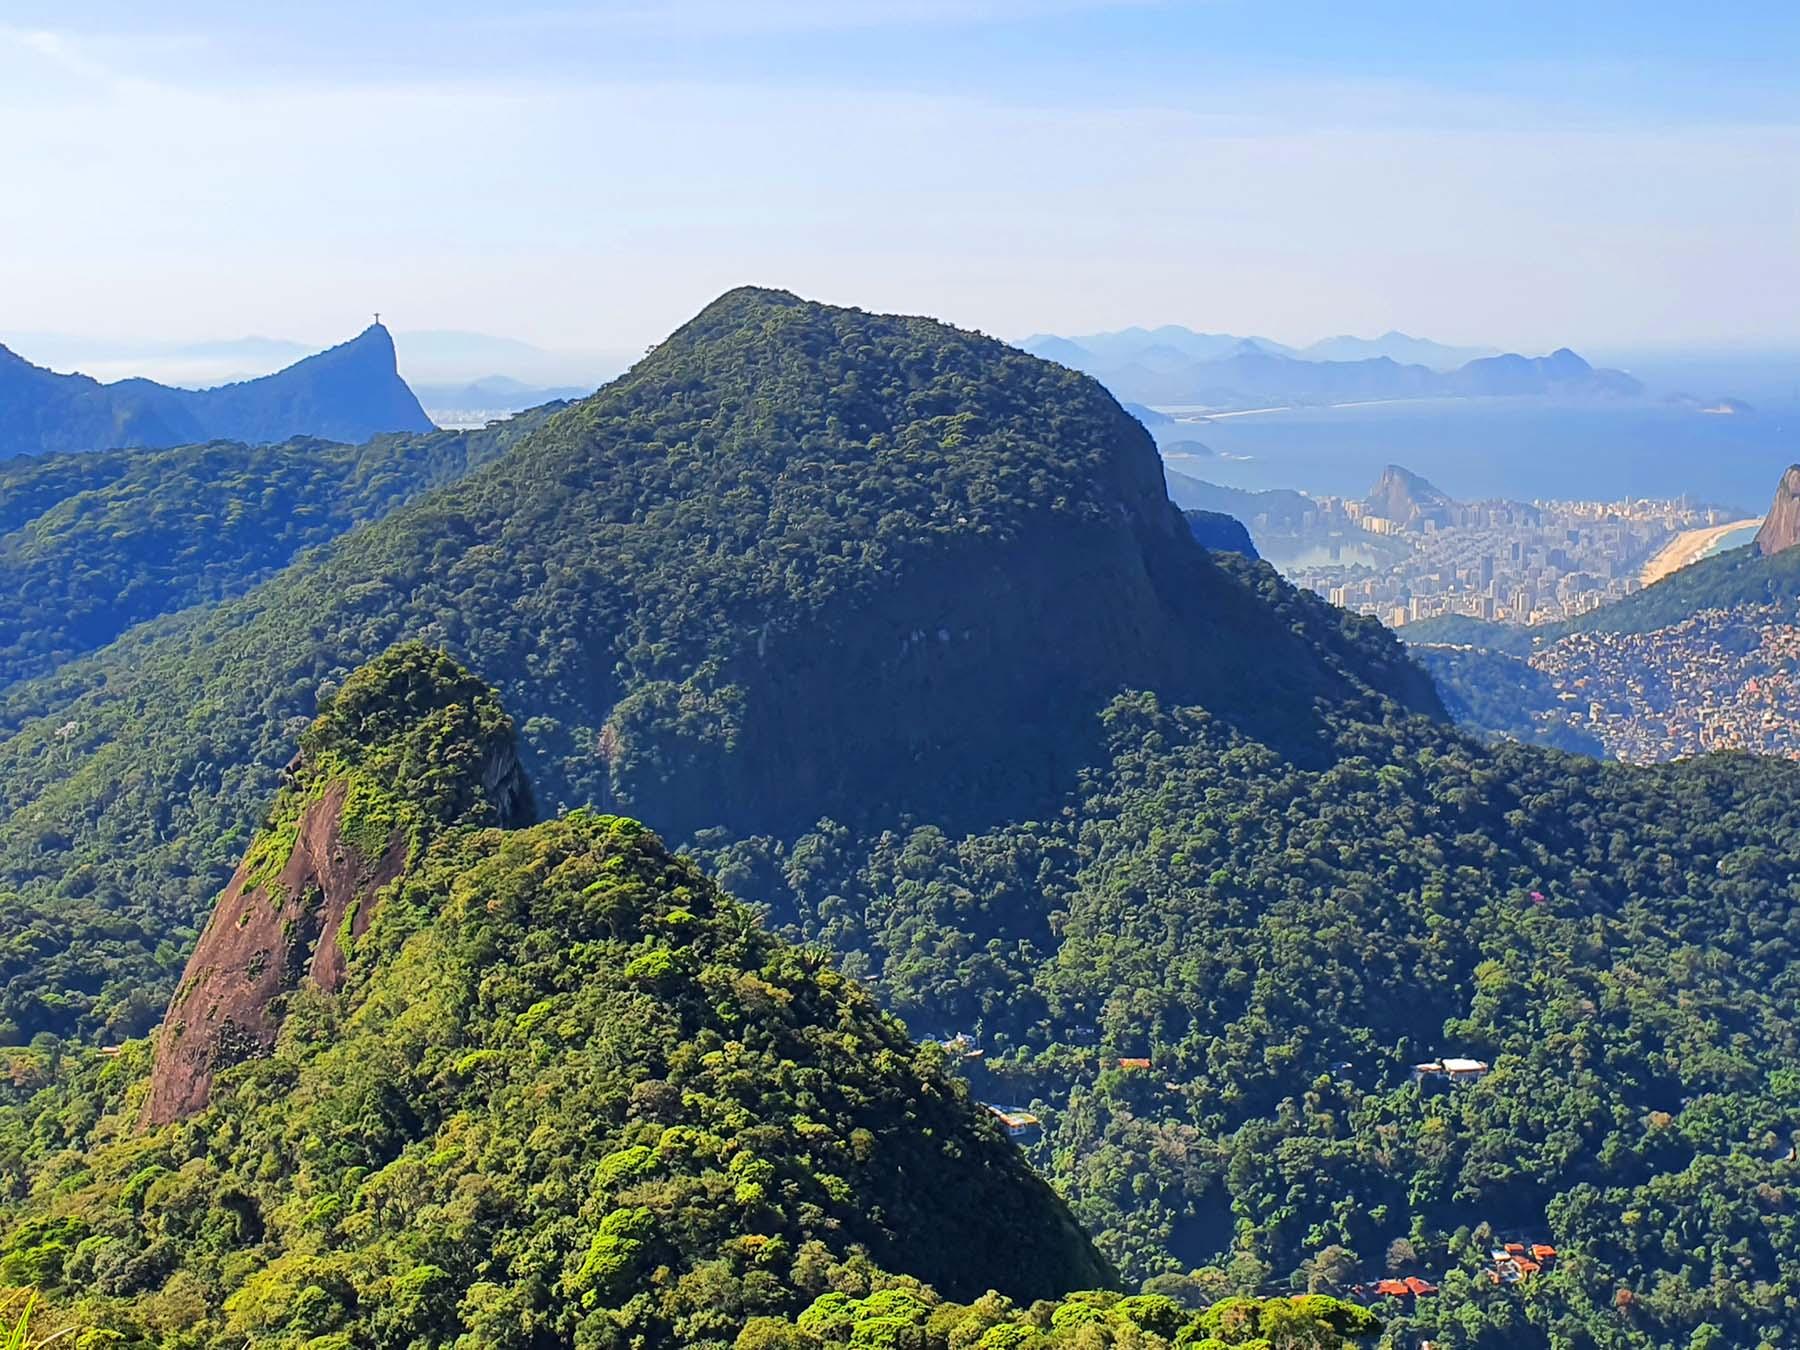 Mirante da Pedra Bonita, Rio de Janeiro